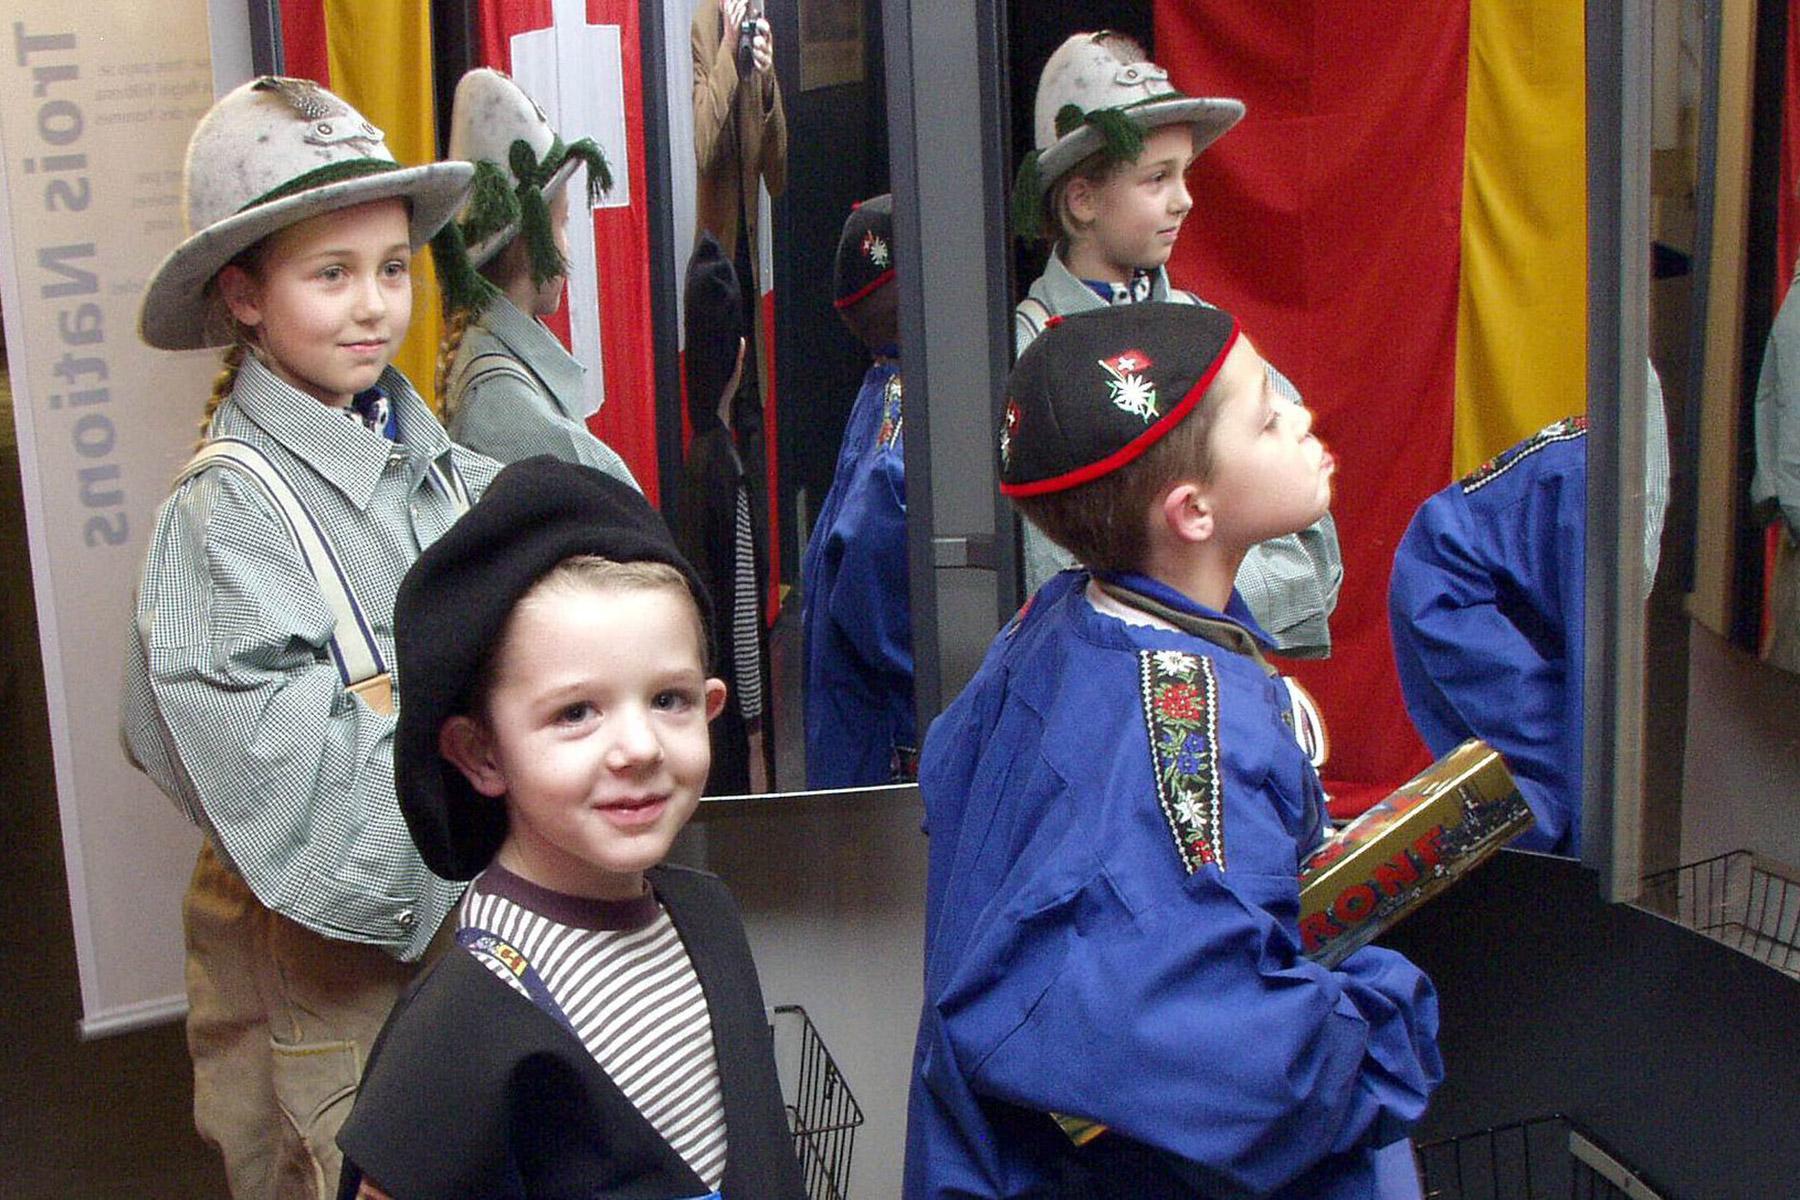 Kinder verkleiden sich im Dreiländermuseum